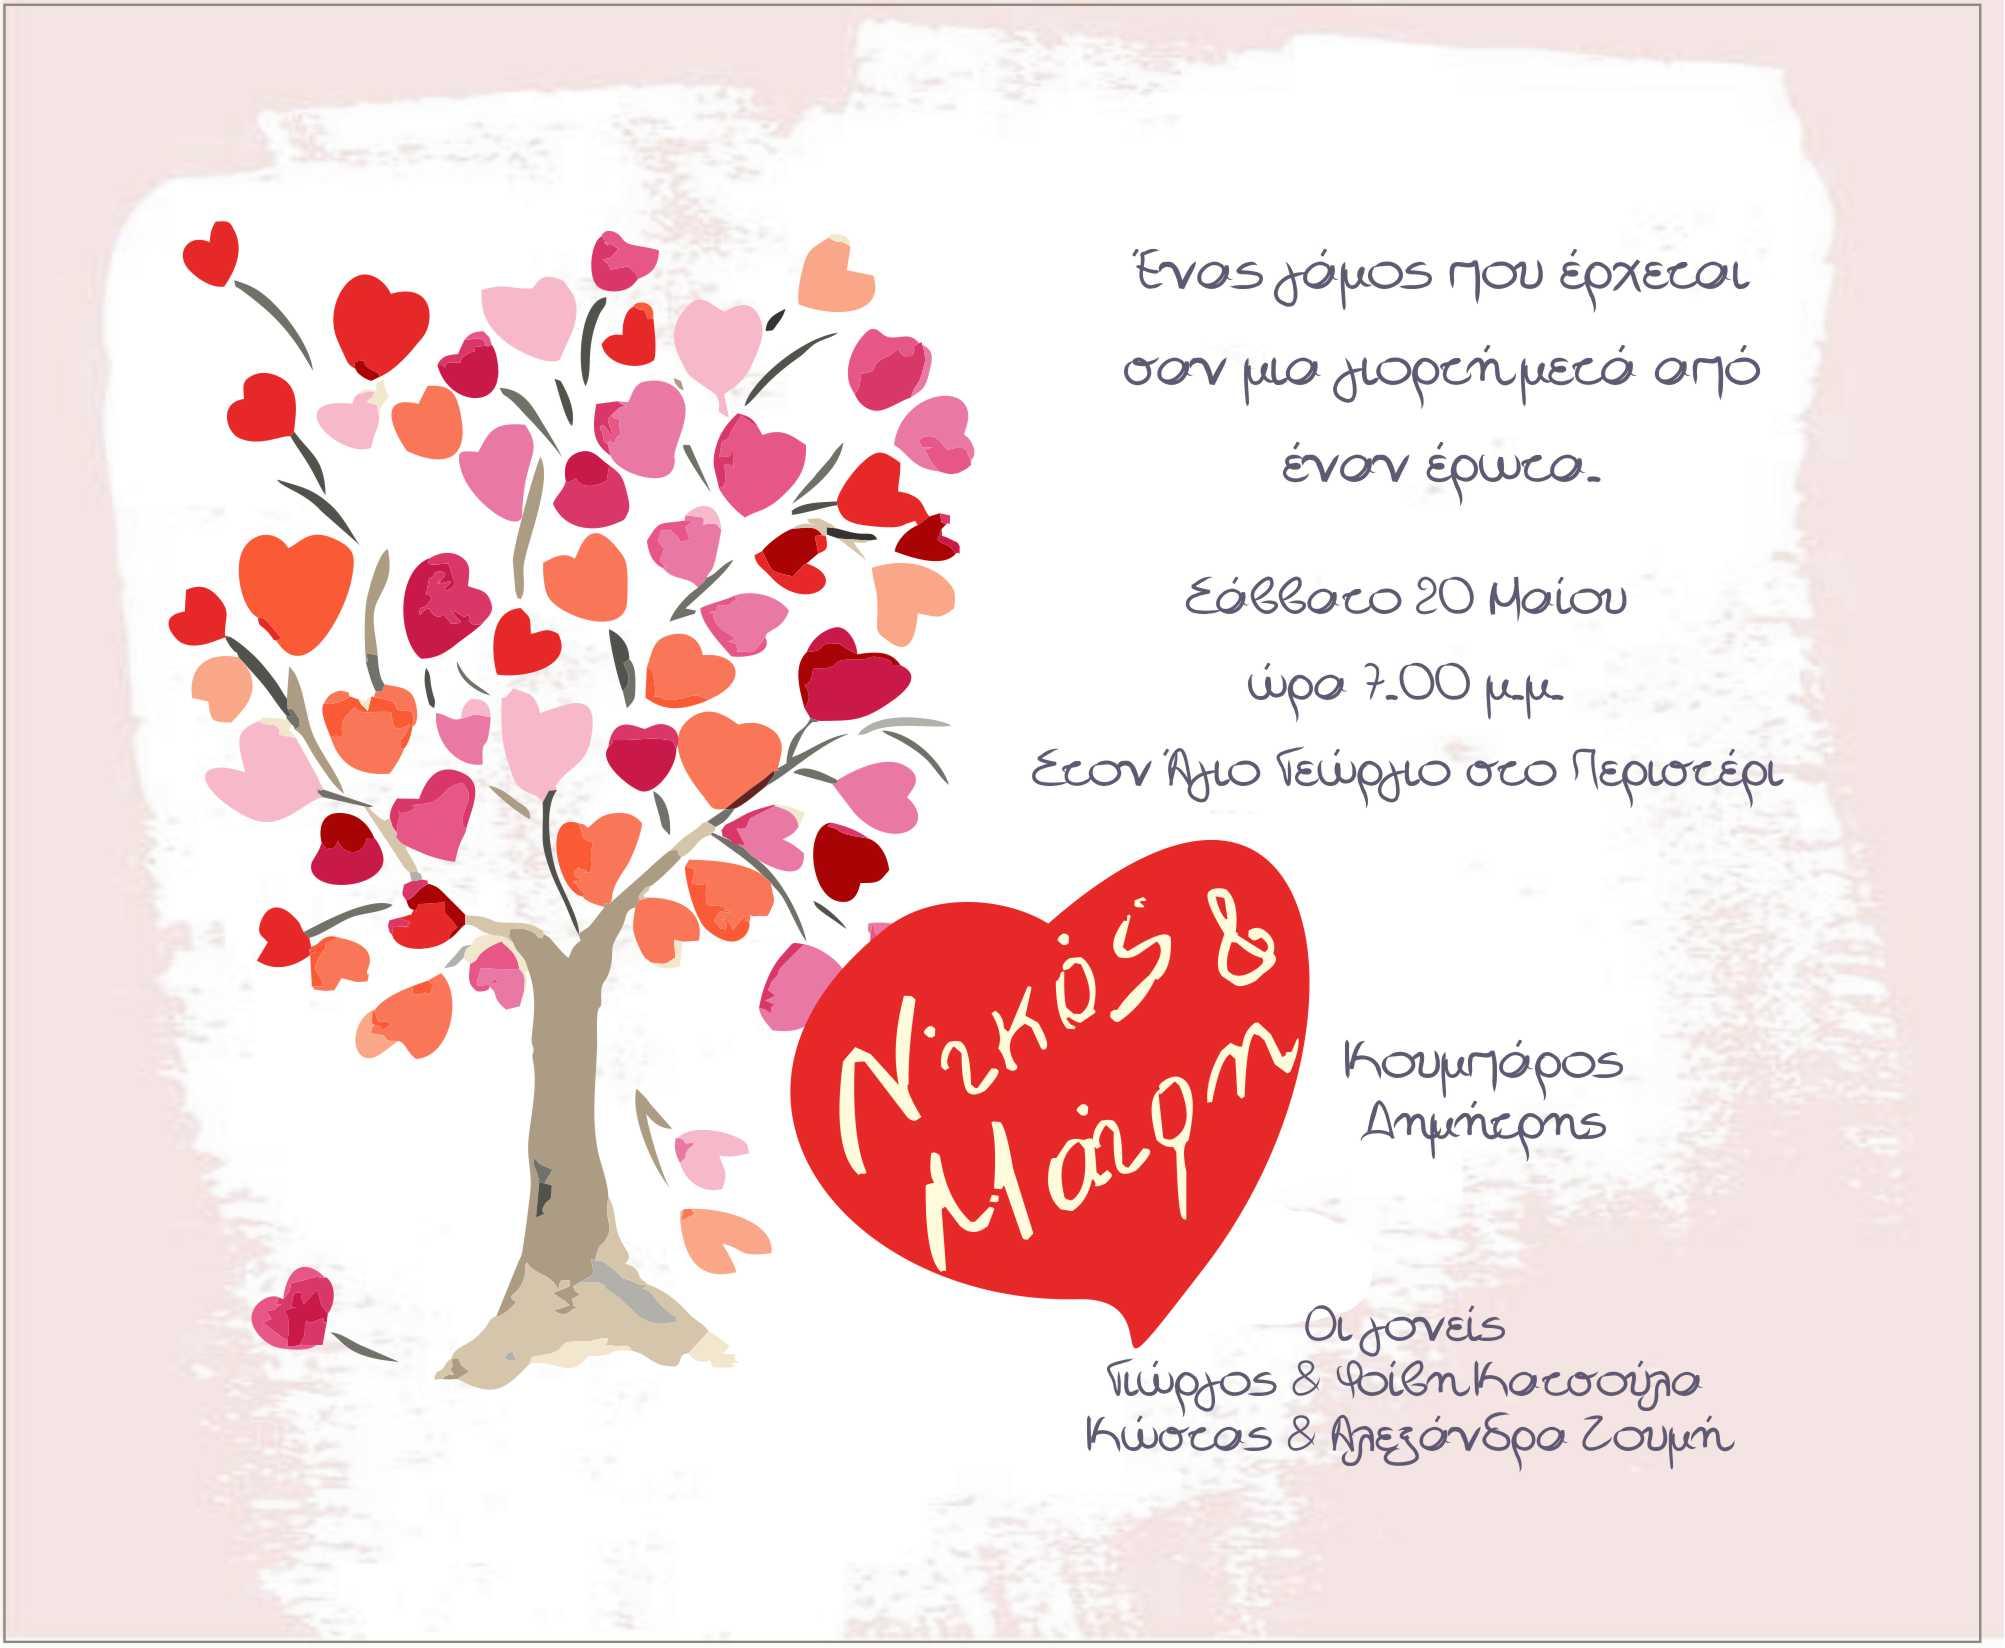 Προσκλητήριο Γάμου Vintage κλασσικό με φύλλα καρδούλες 79